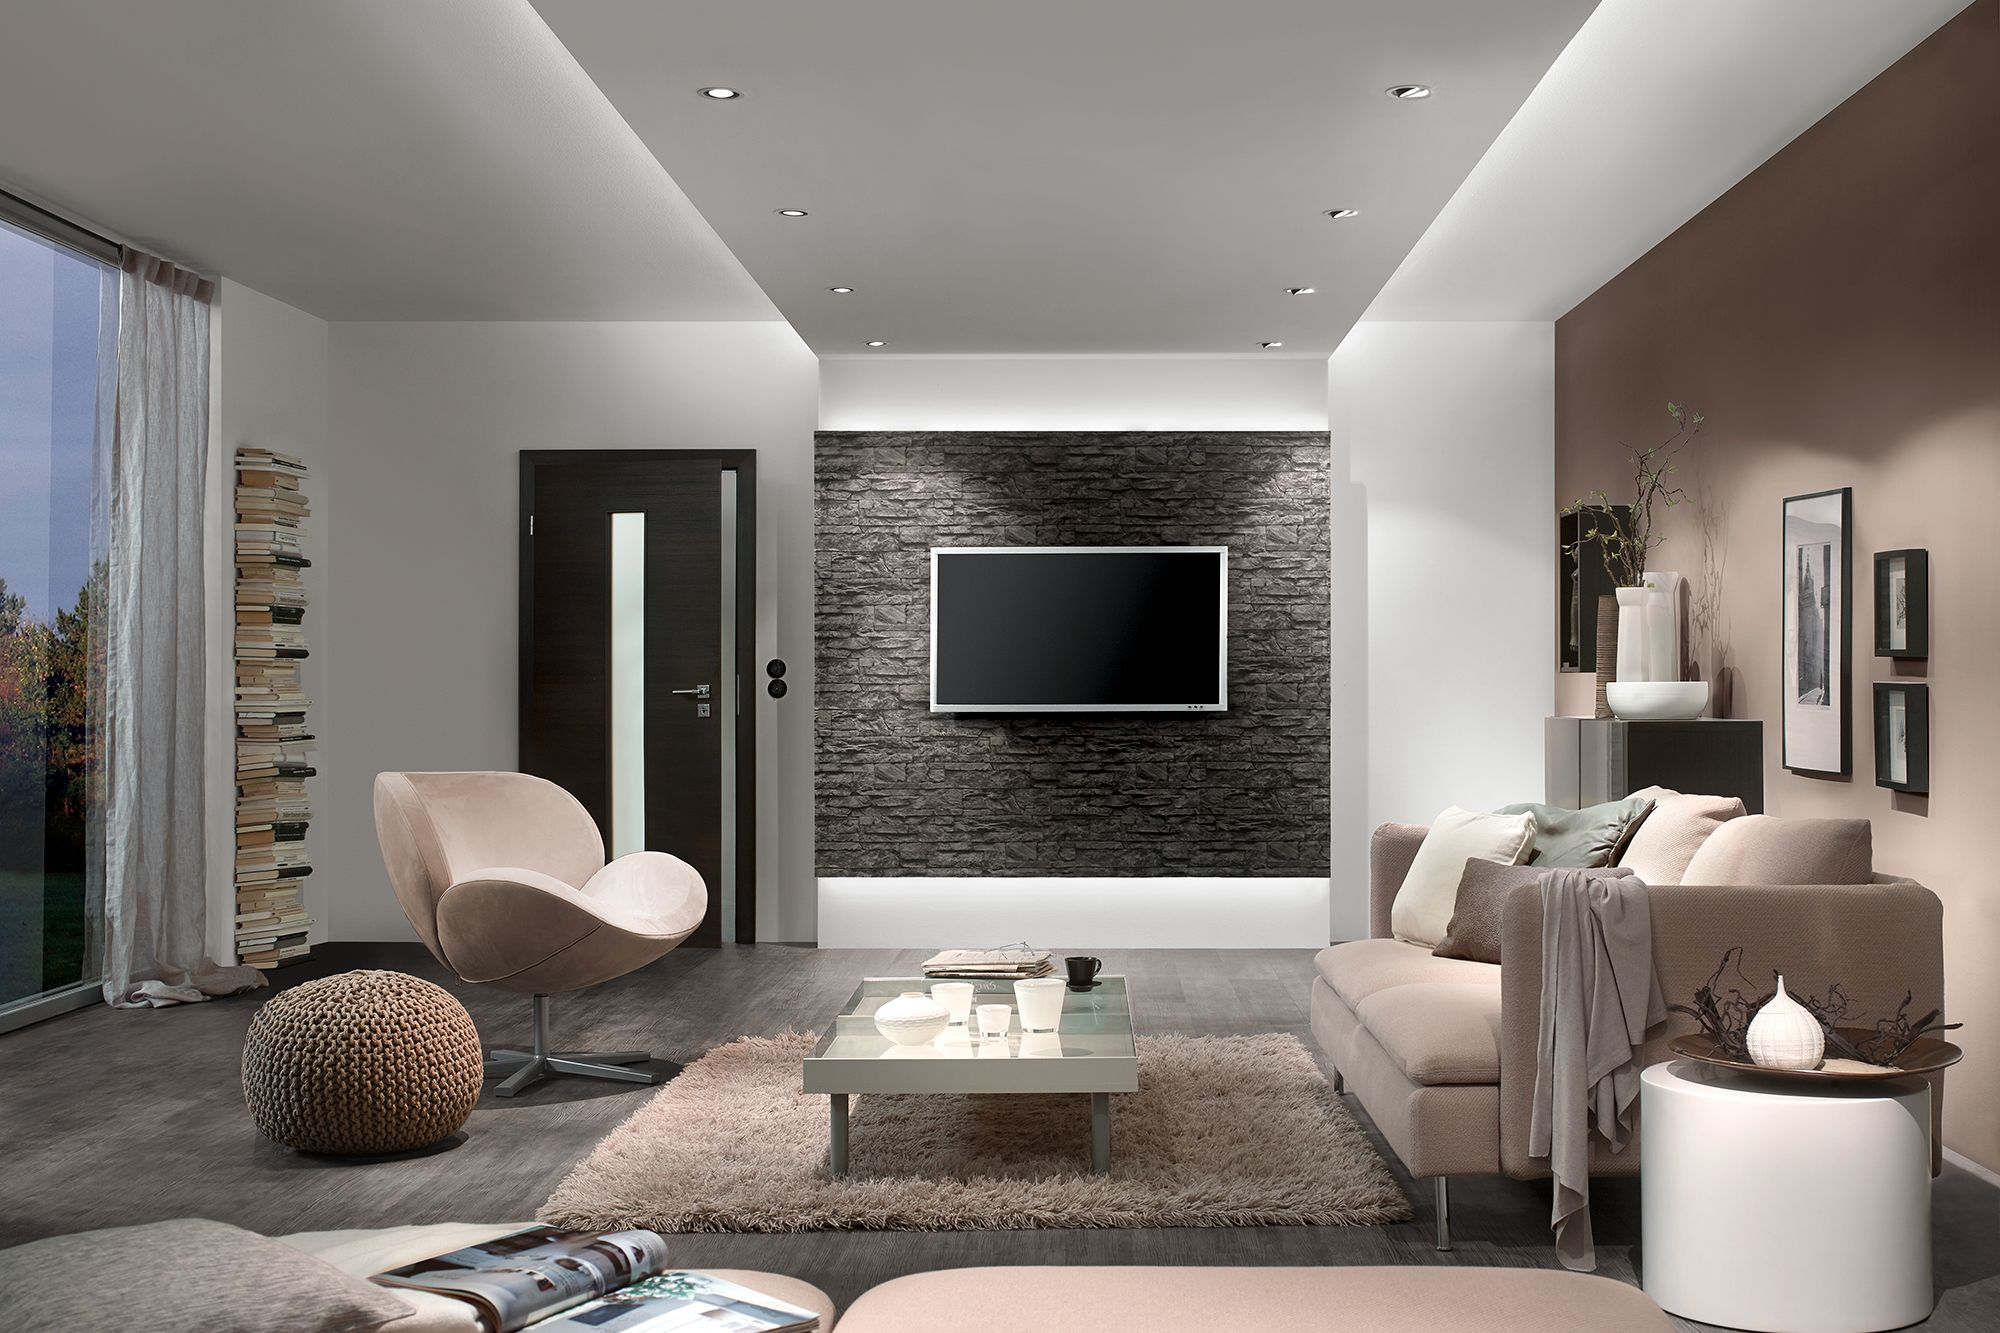 wie viele lampen werden ben tigt um einen raum auszuleuchten wie viele einbaustrahler sollten. Black Bedroom Furniture Sets. Home Design Ideas